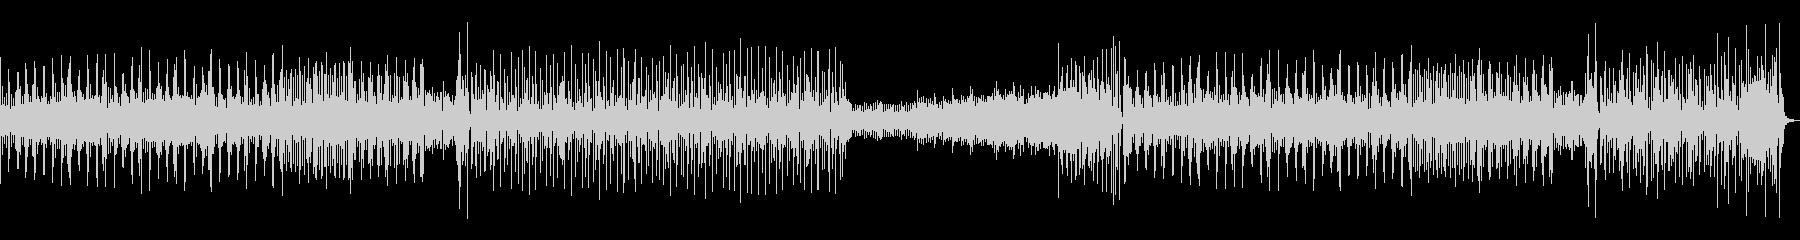 汎用性のある、のほほんアコースティック曲の未再生の波形